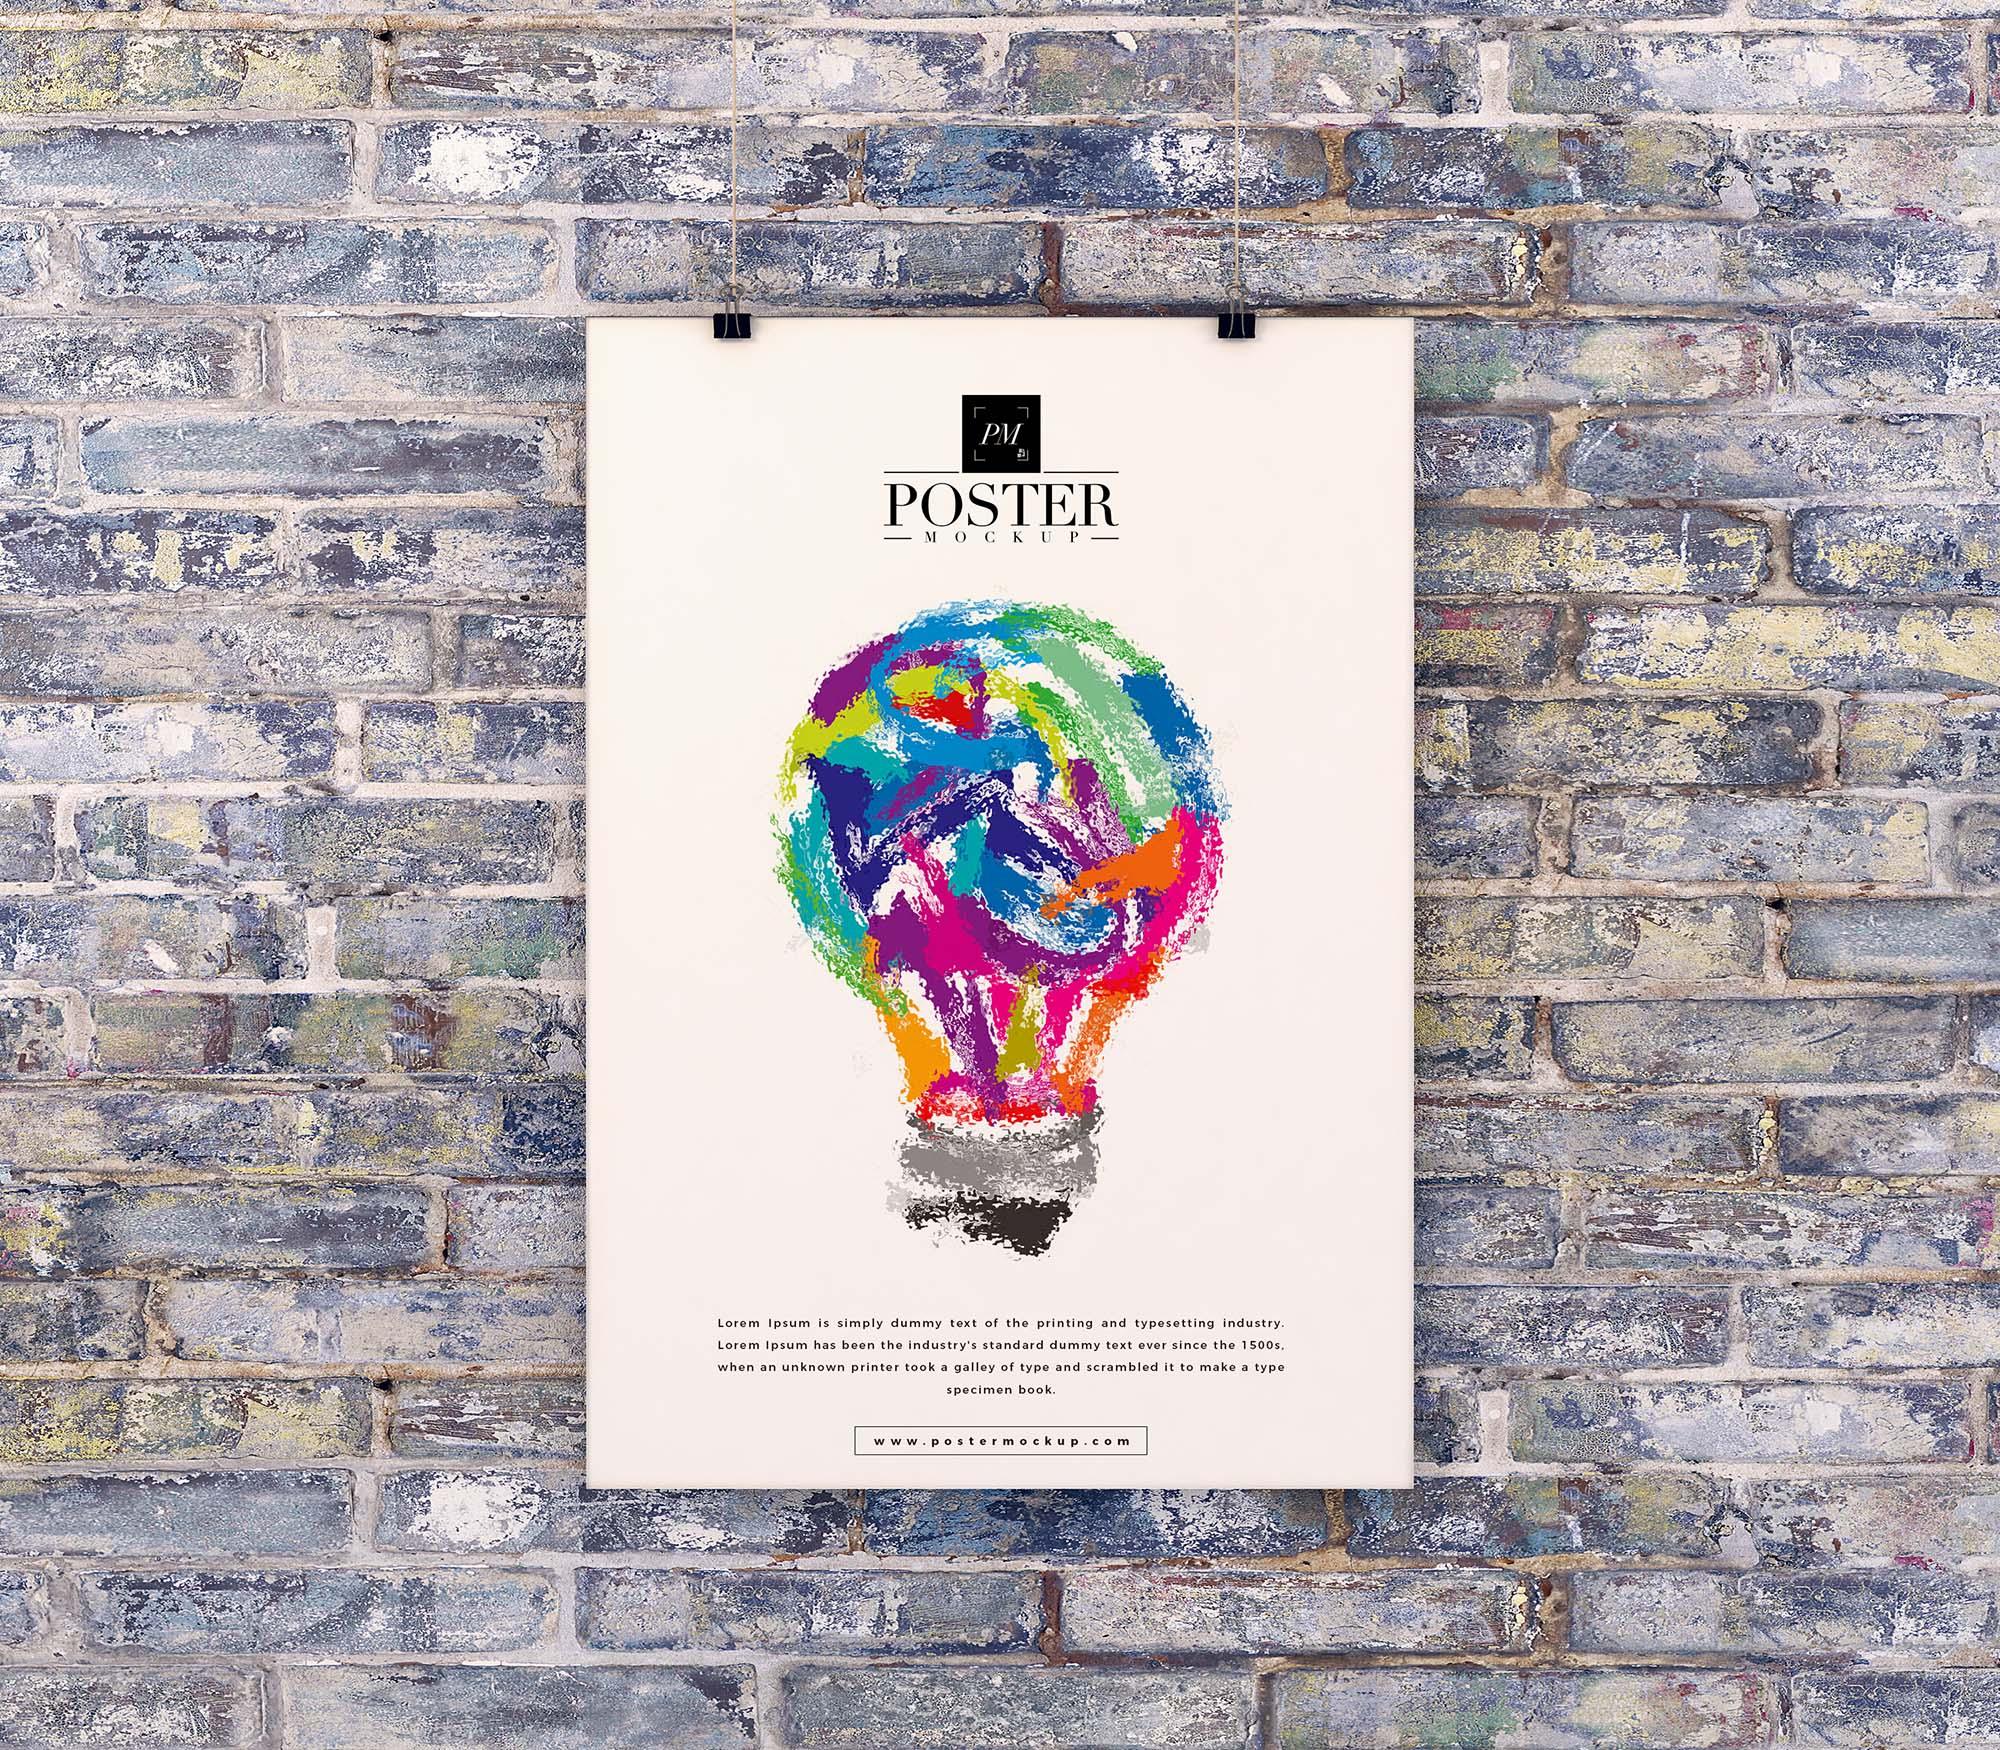 Poster on Brick Wall Mockup